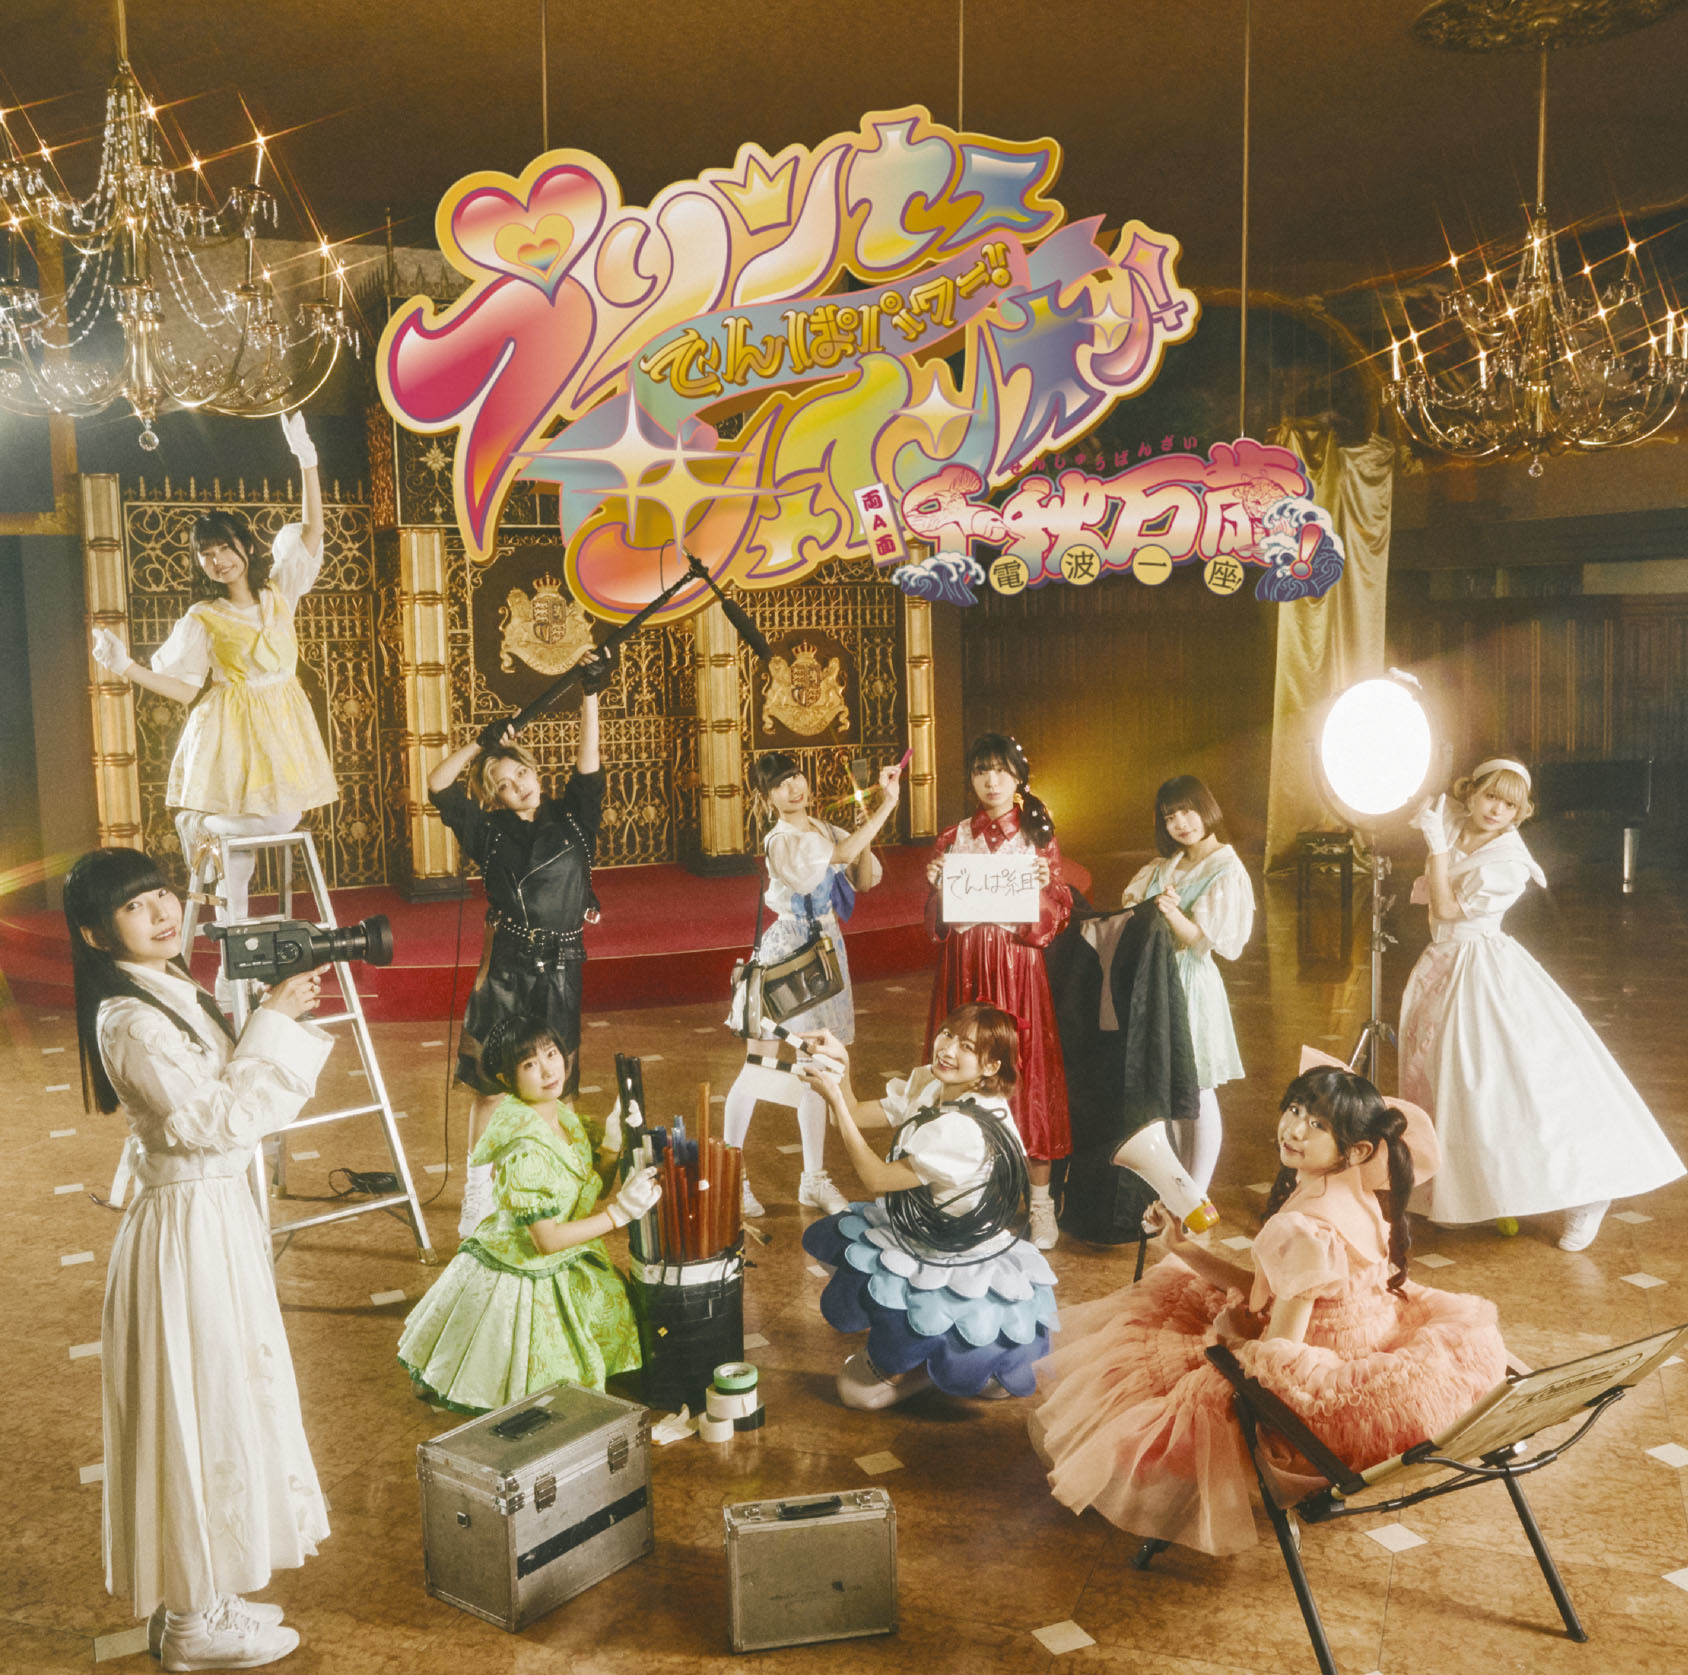 でんぱ組.inc Double A-Side Single「プリンセスでんぱパワー!シャインオン!/千秋万歳!電波一座!」